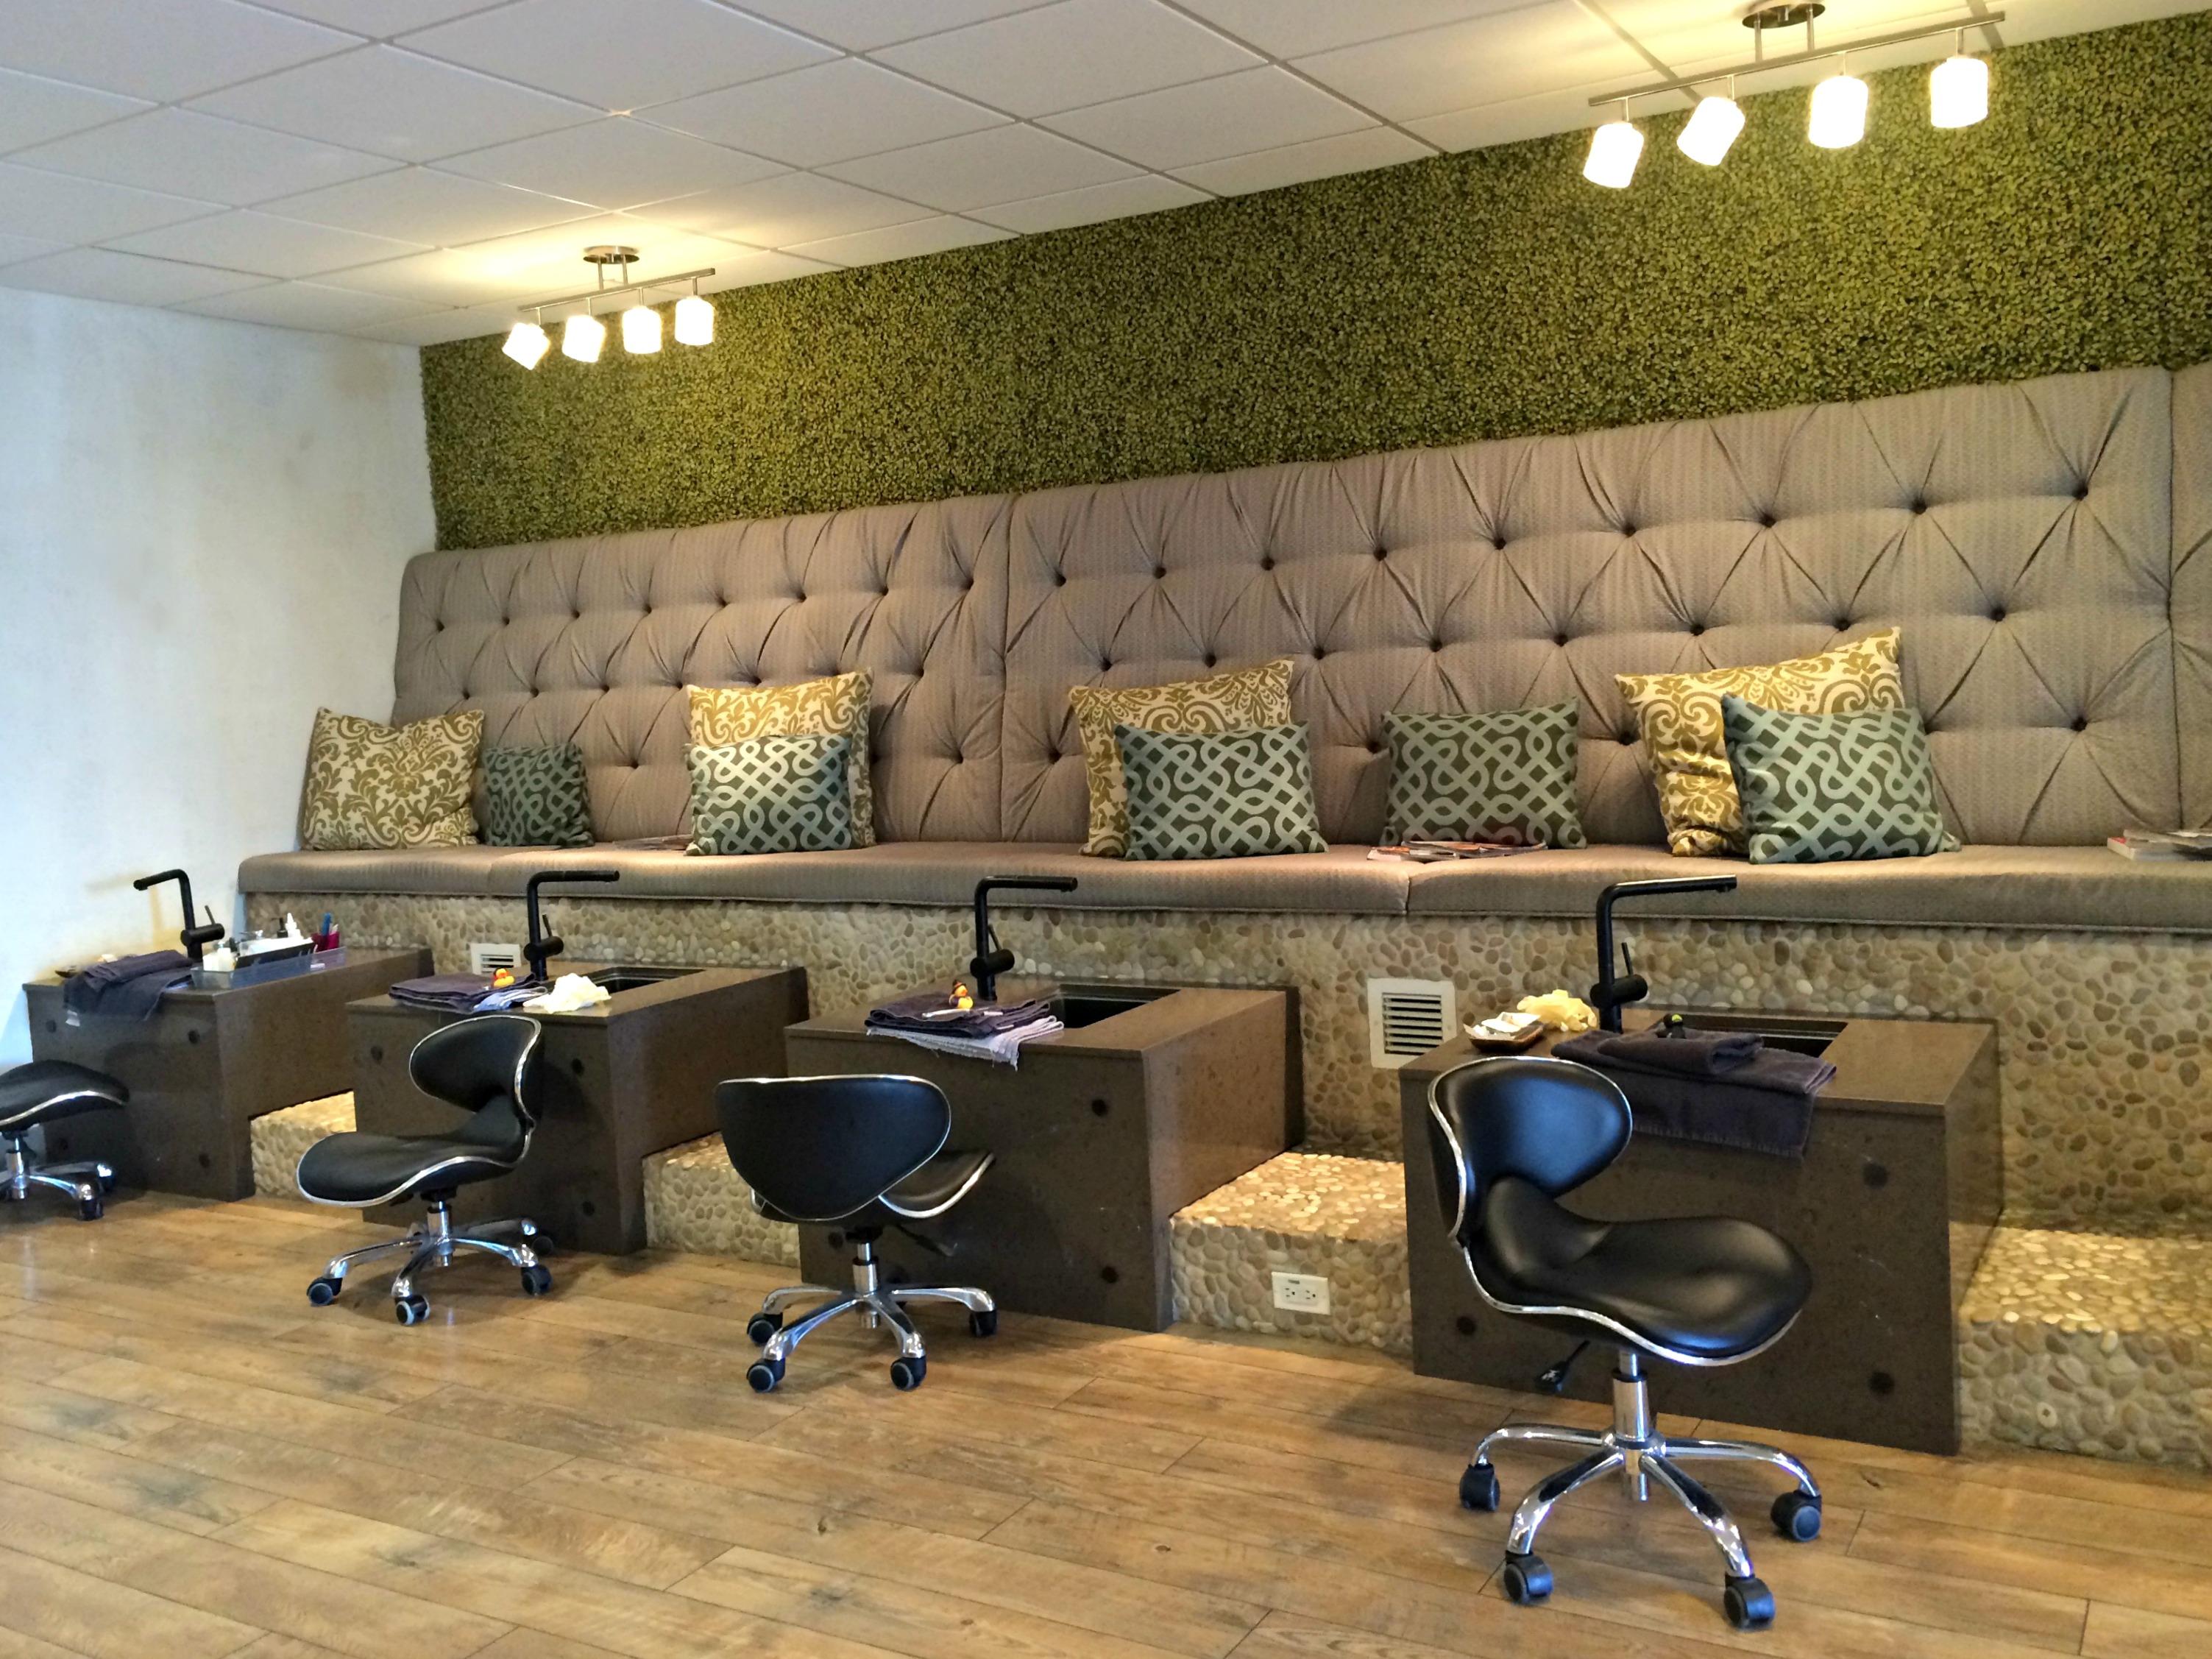 teres nail salon, scottsdale, az